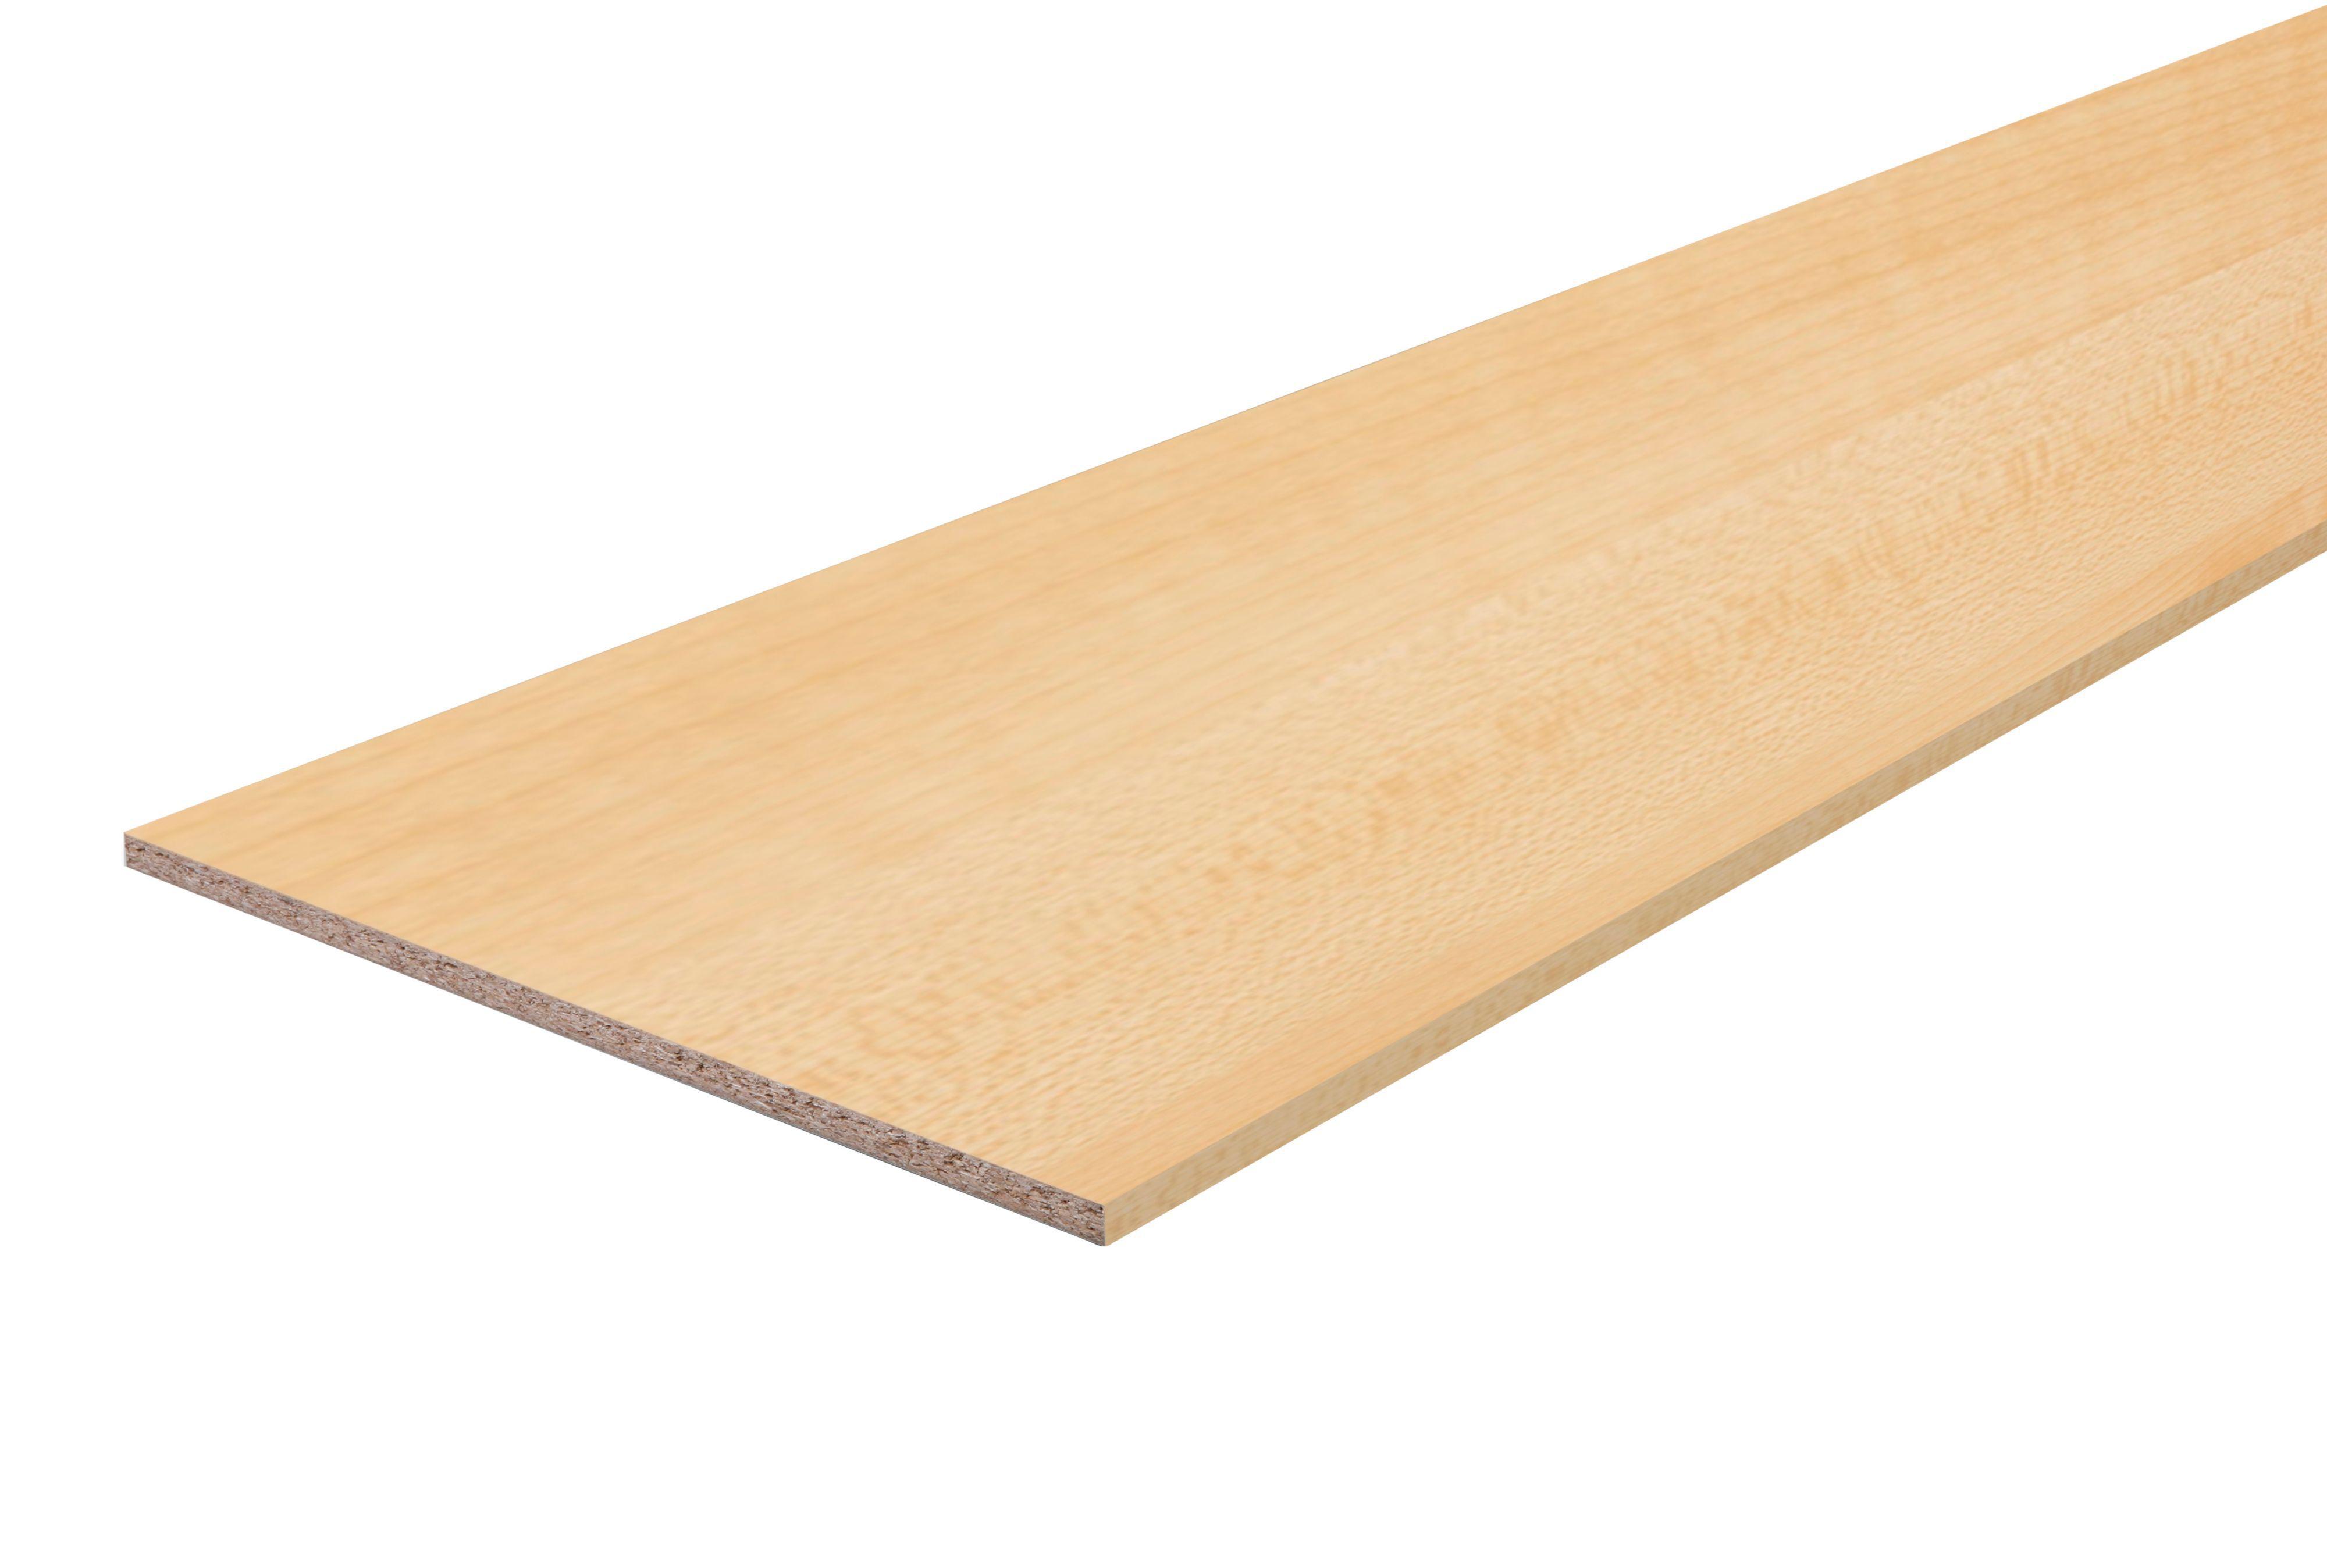 Chipboard Maple Furniture Board L 2500mm W 600mm T 18mm